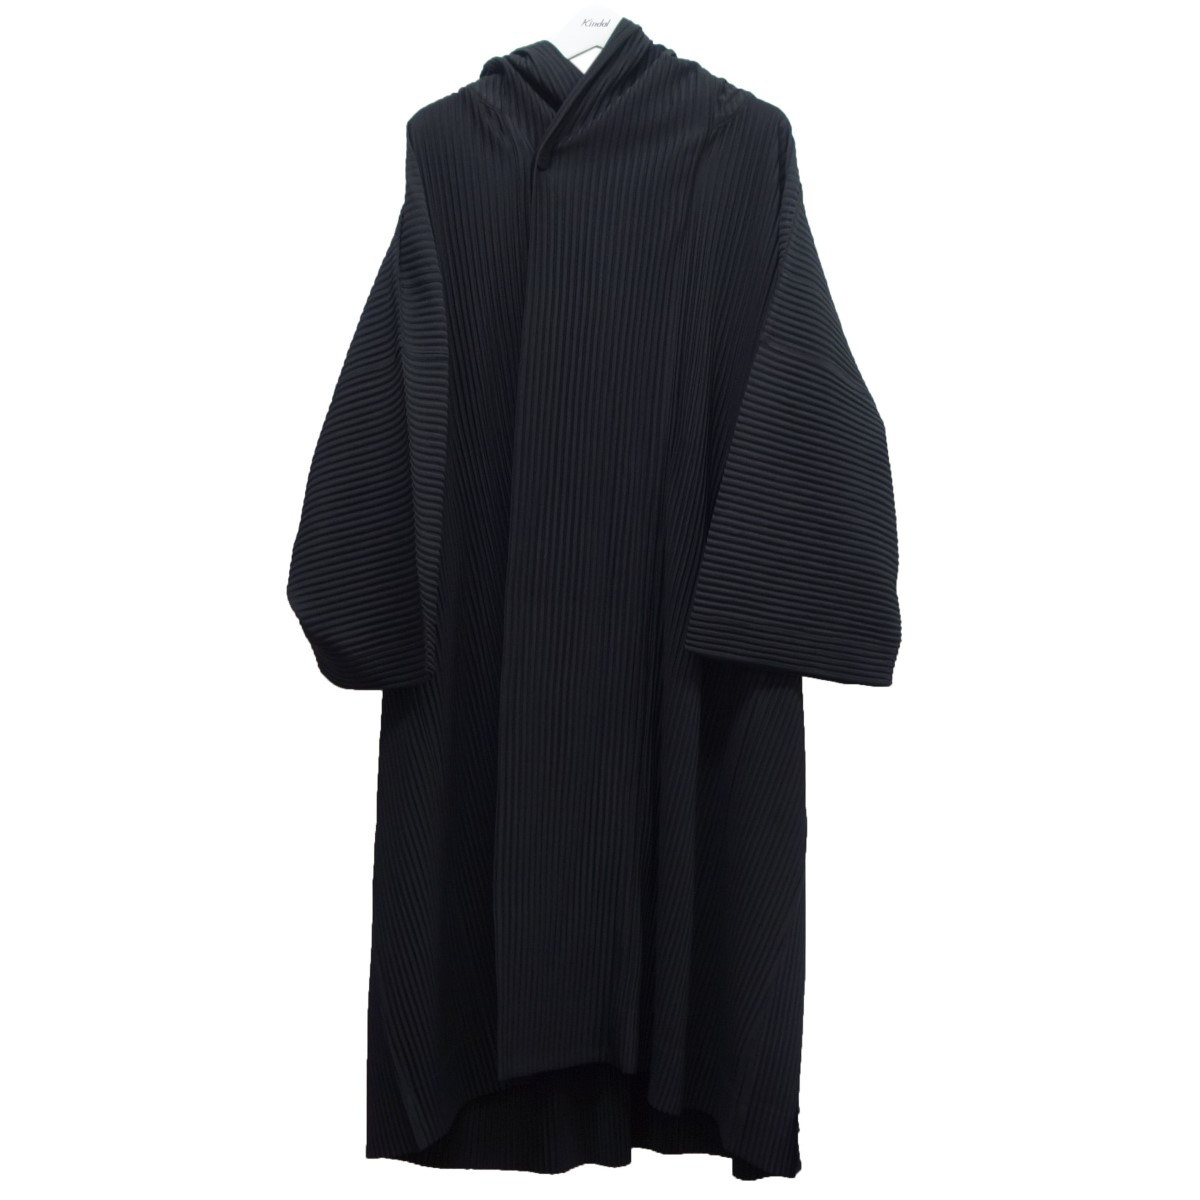 【中古】HOMME PLISSE ISSEY MIYAKE 19AW プリーツフーデッドコート ブラック サイズ:3 【310720】(オム プリッセ イッセイ ミヤケ)